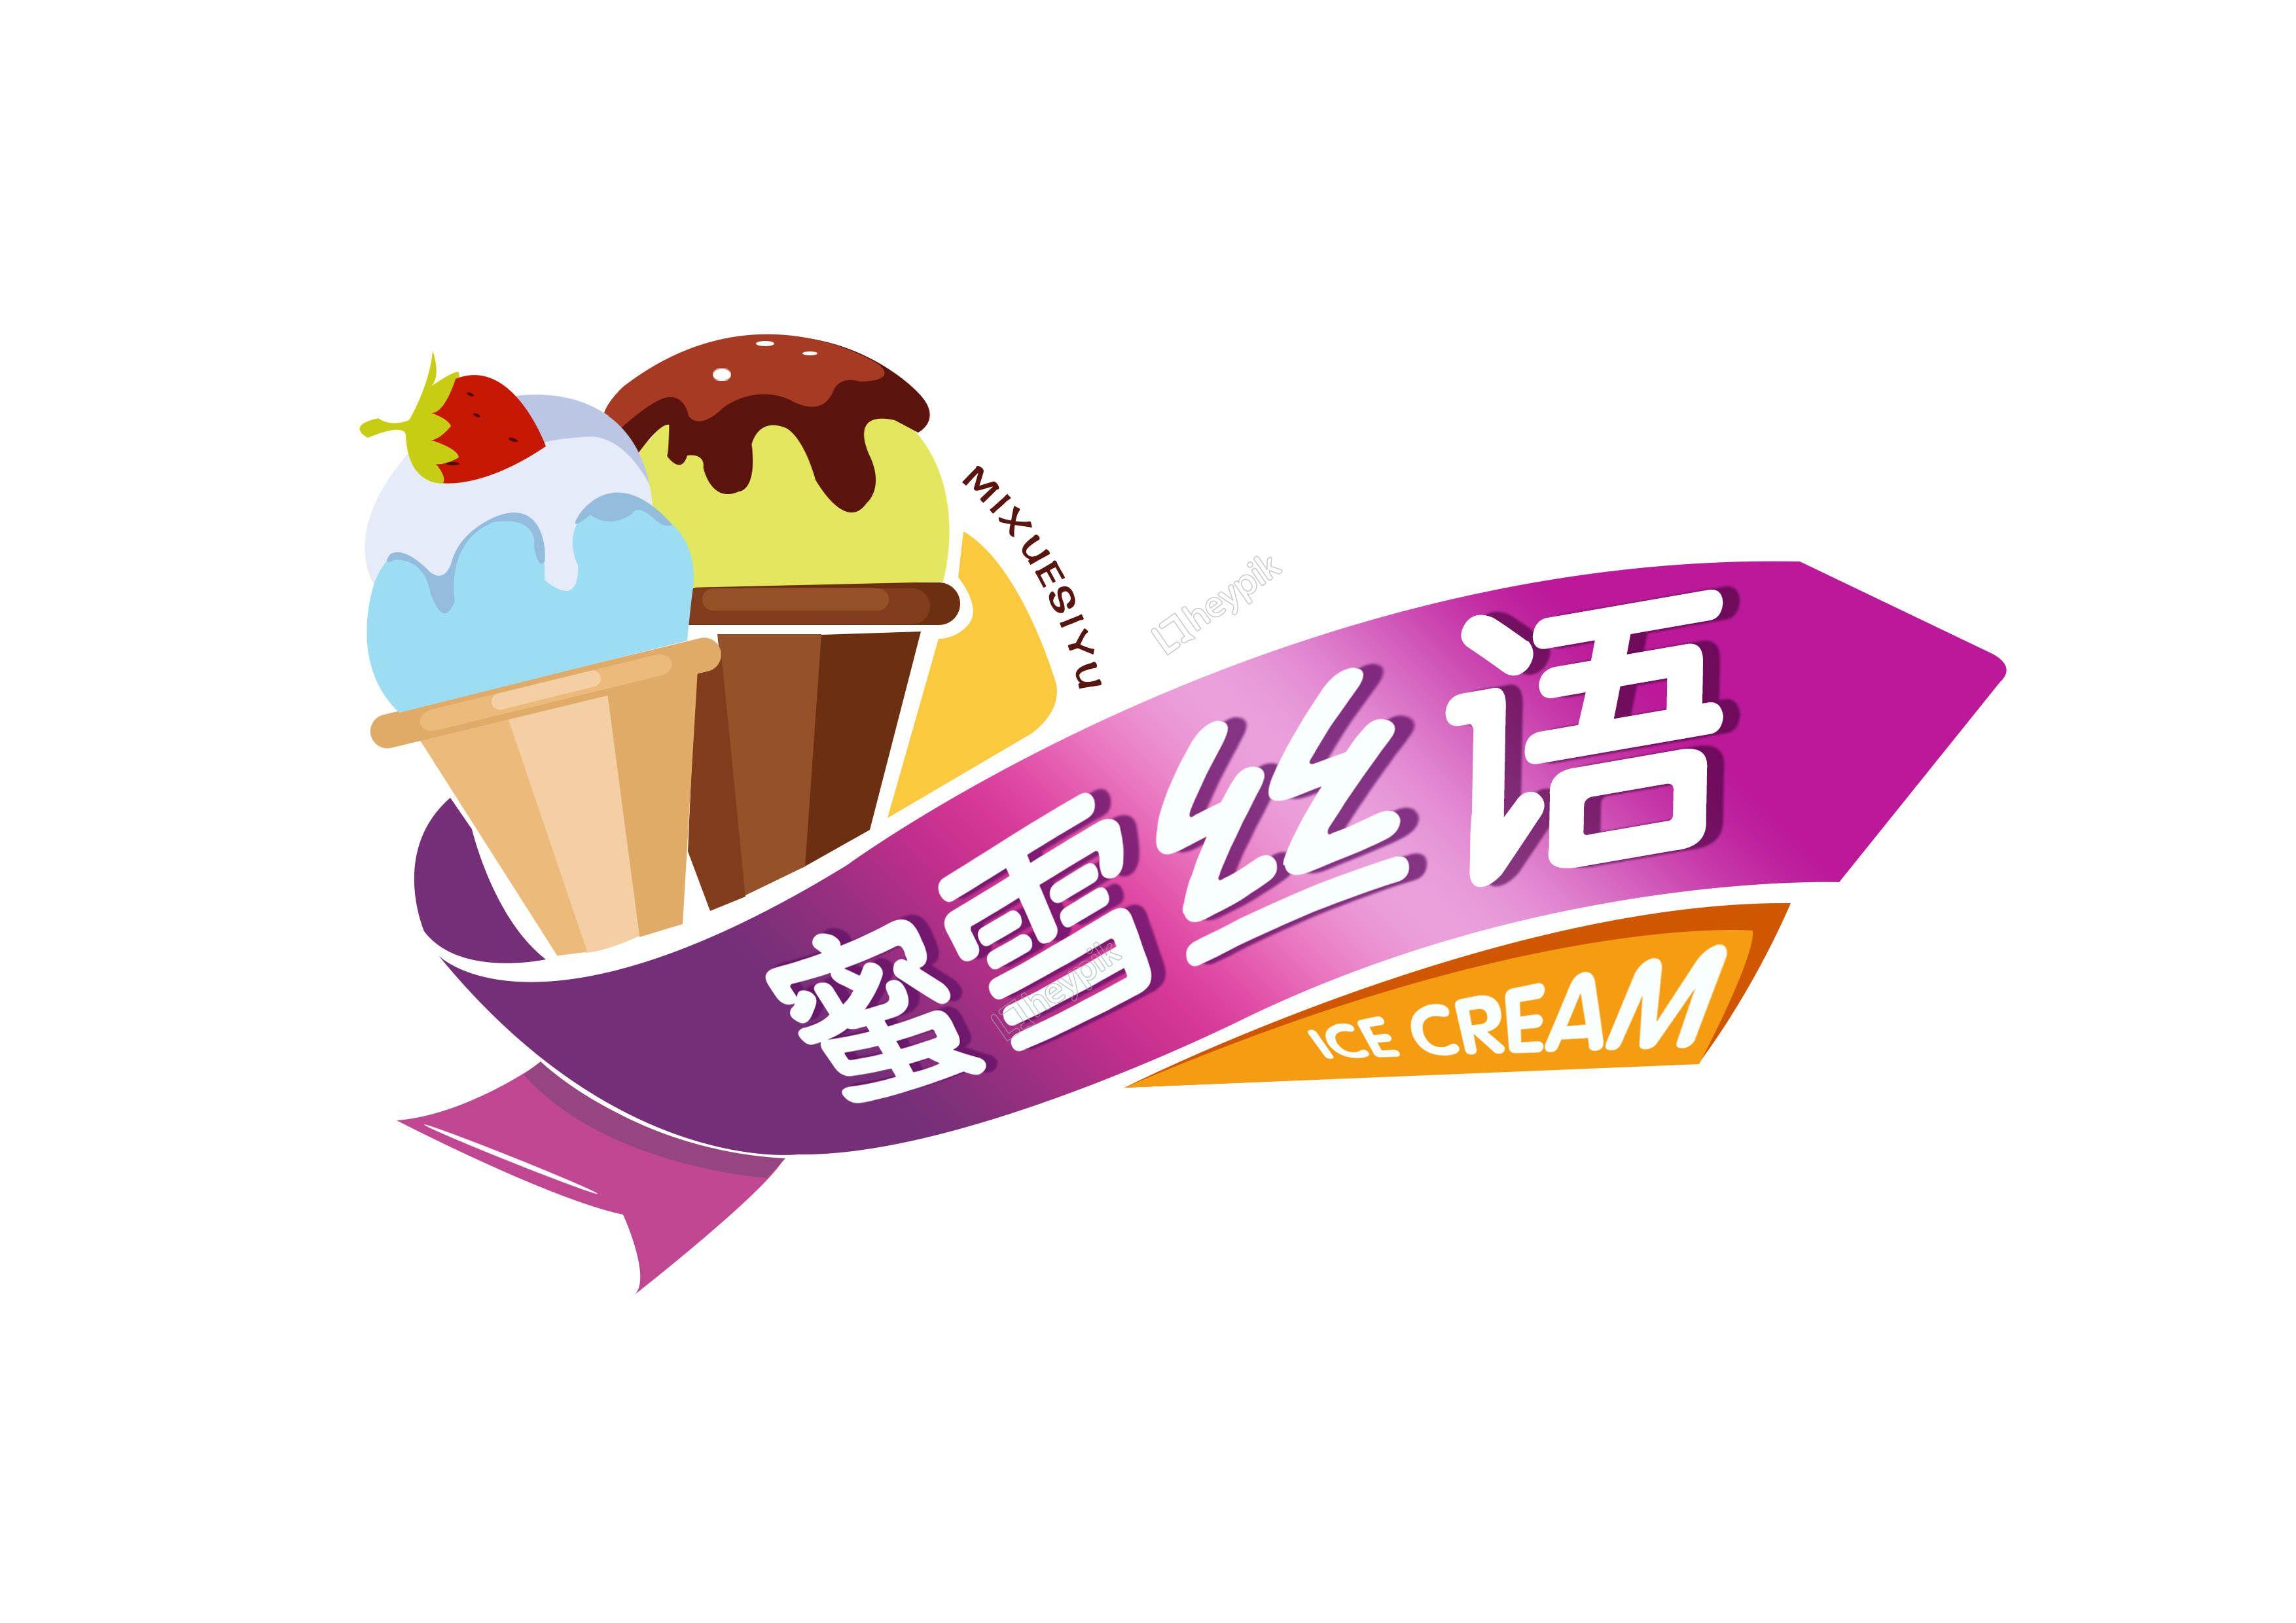 شعار الآيس كريم آيس تصميم قالب ناقلات Png Ice Cream Logo Logo Design Template Design Template